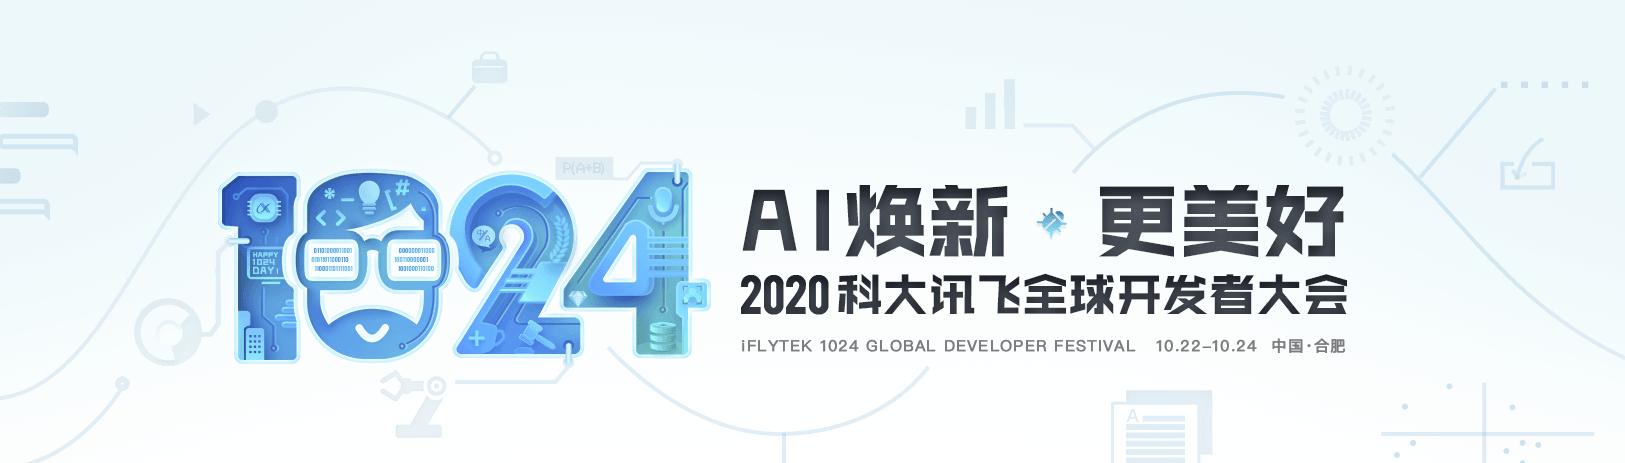 1024计划再升级科大讯飞2020全球开发者节精彩抢先看